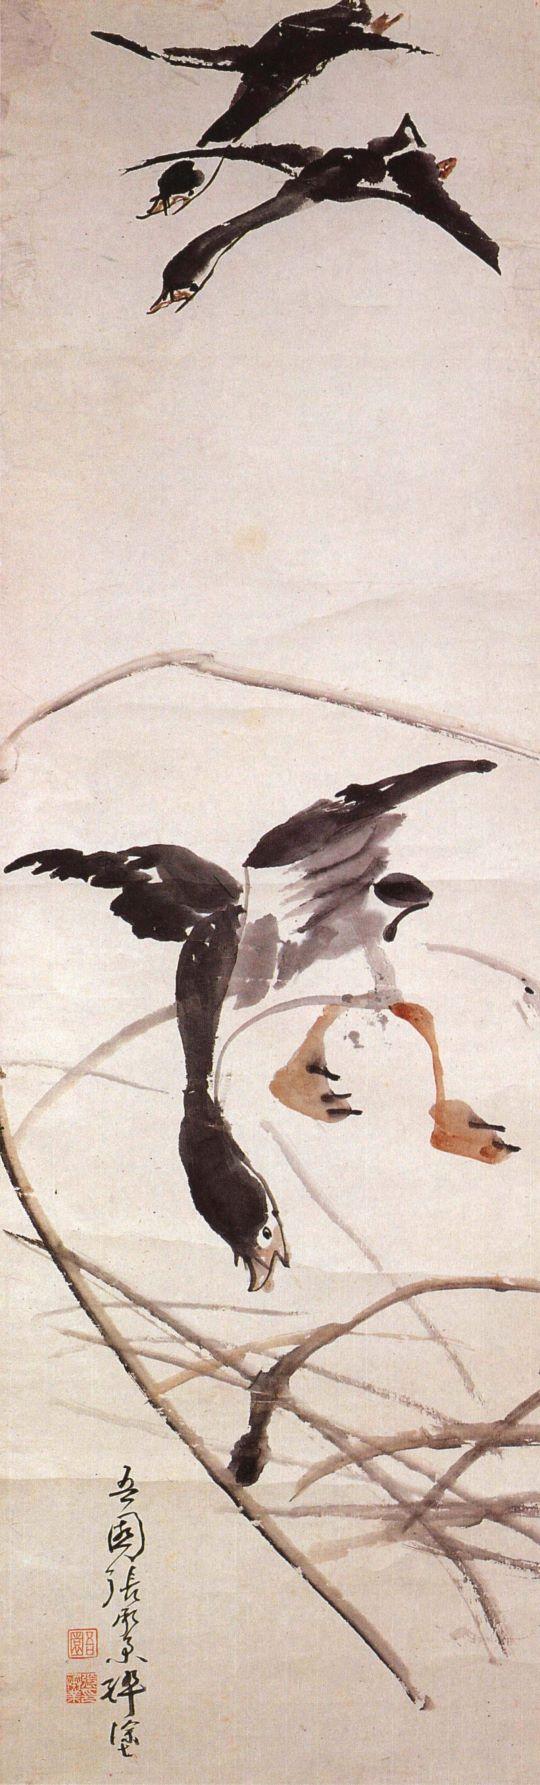 오원 장승업 (1843~1897), 지본담채, 노안도 Sǔng ǒp Chang  張承業장승업 조선(朝鮮) 시대(時代) 말기(末期)의 화가(畫家). 자는 경유(景猷), 호는 오원(吾園). 본은 태원(太原) 화원(畫員)